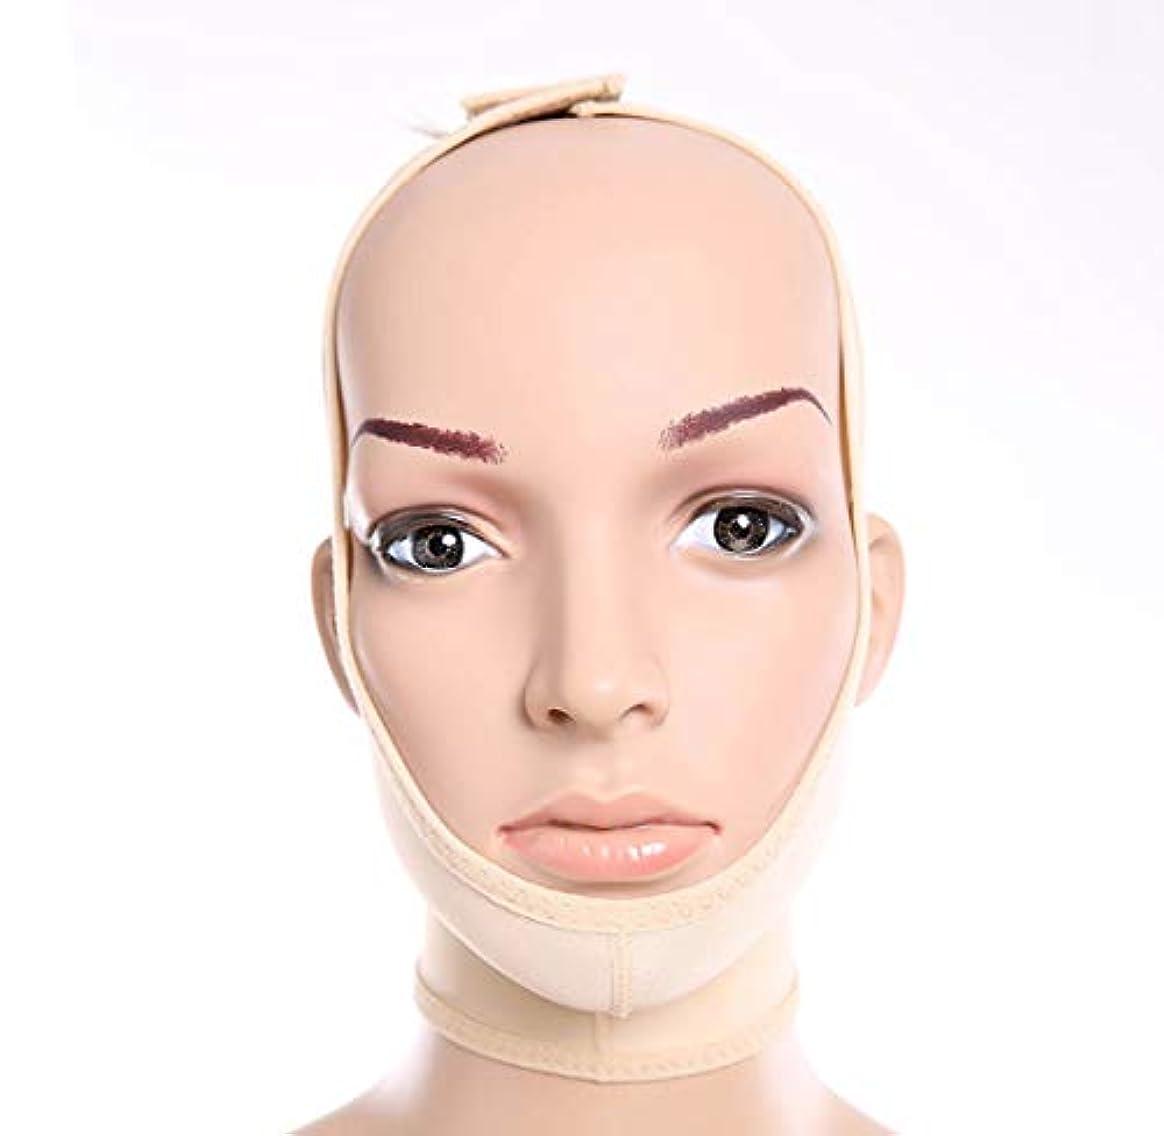 学期症状プラスGLJJQMY 顔と首リフト減量術後弾性スリーブジョーフェイスアーティファクトVフェイスフェイシャルビームダブルチンシンフェイスウィッグ 顔用整形マスク (Size : XS)